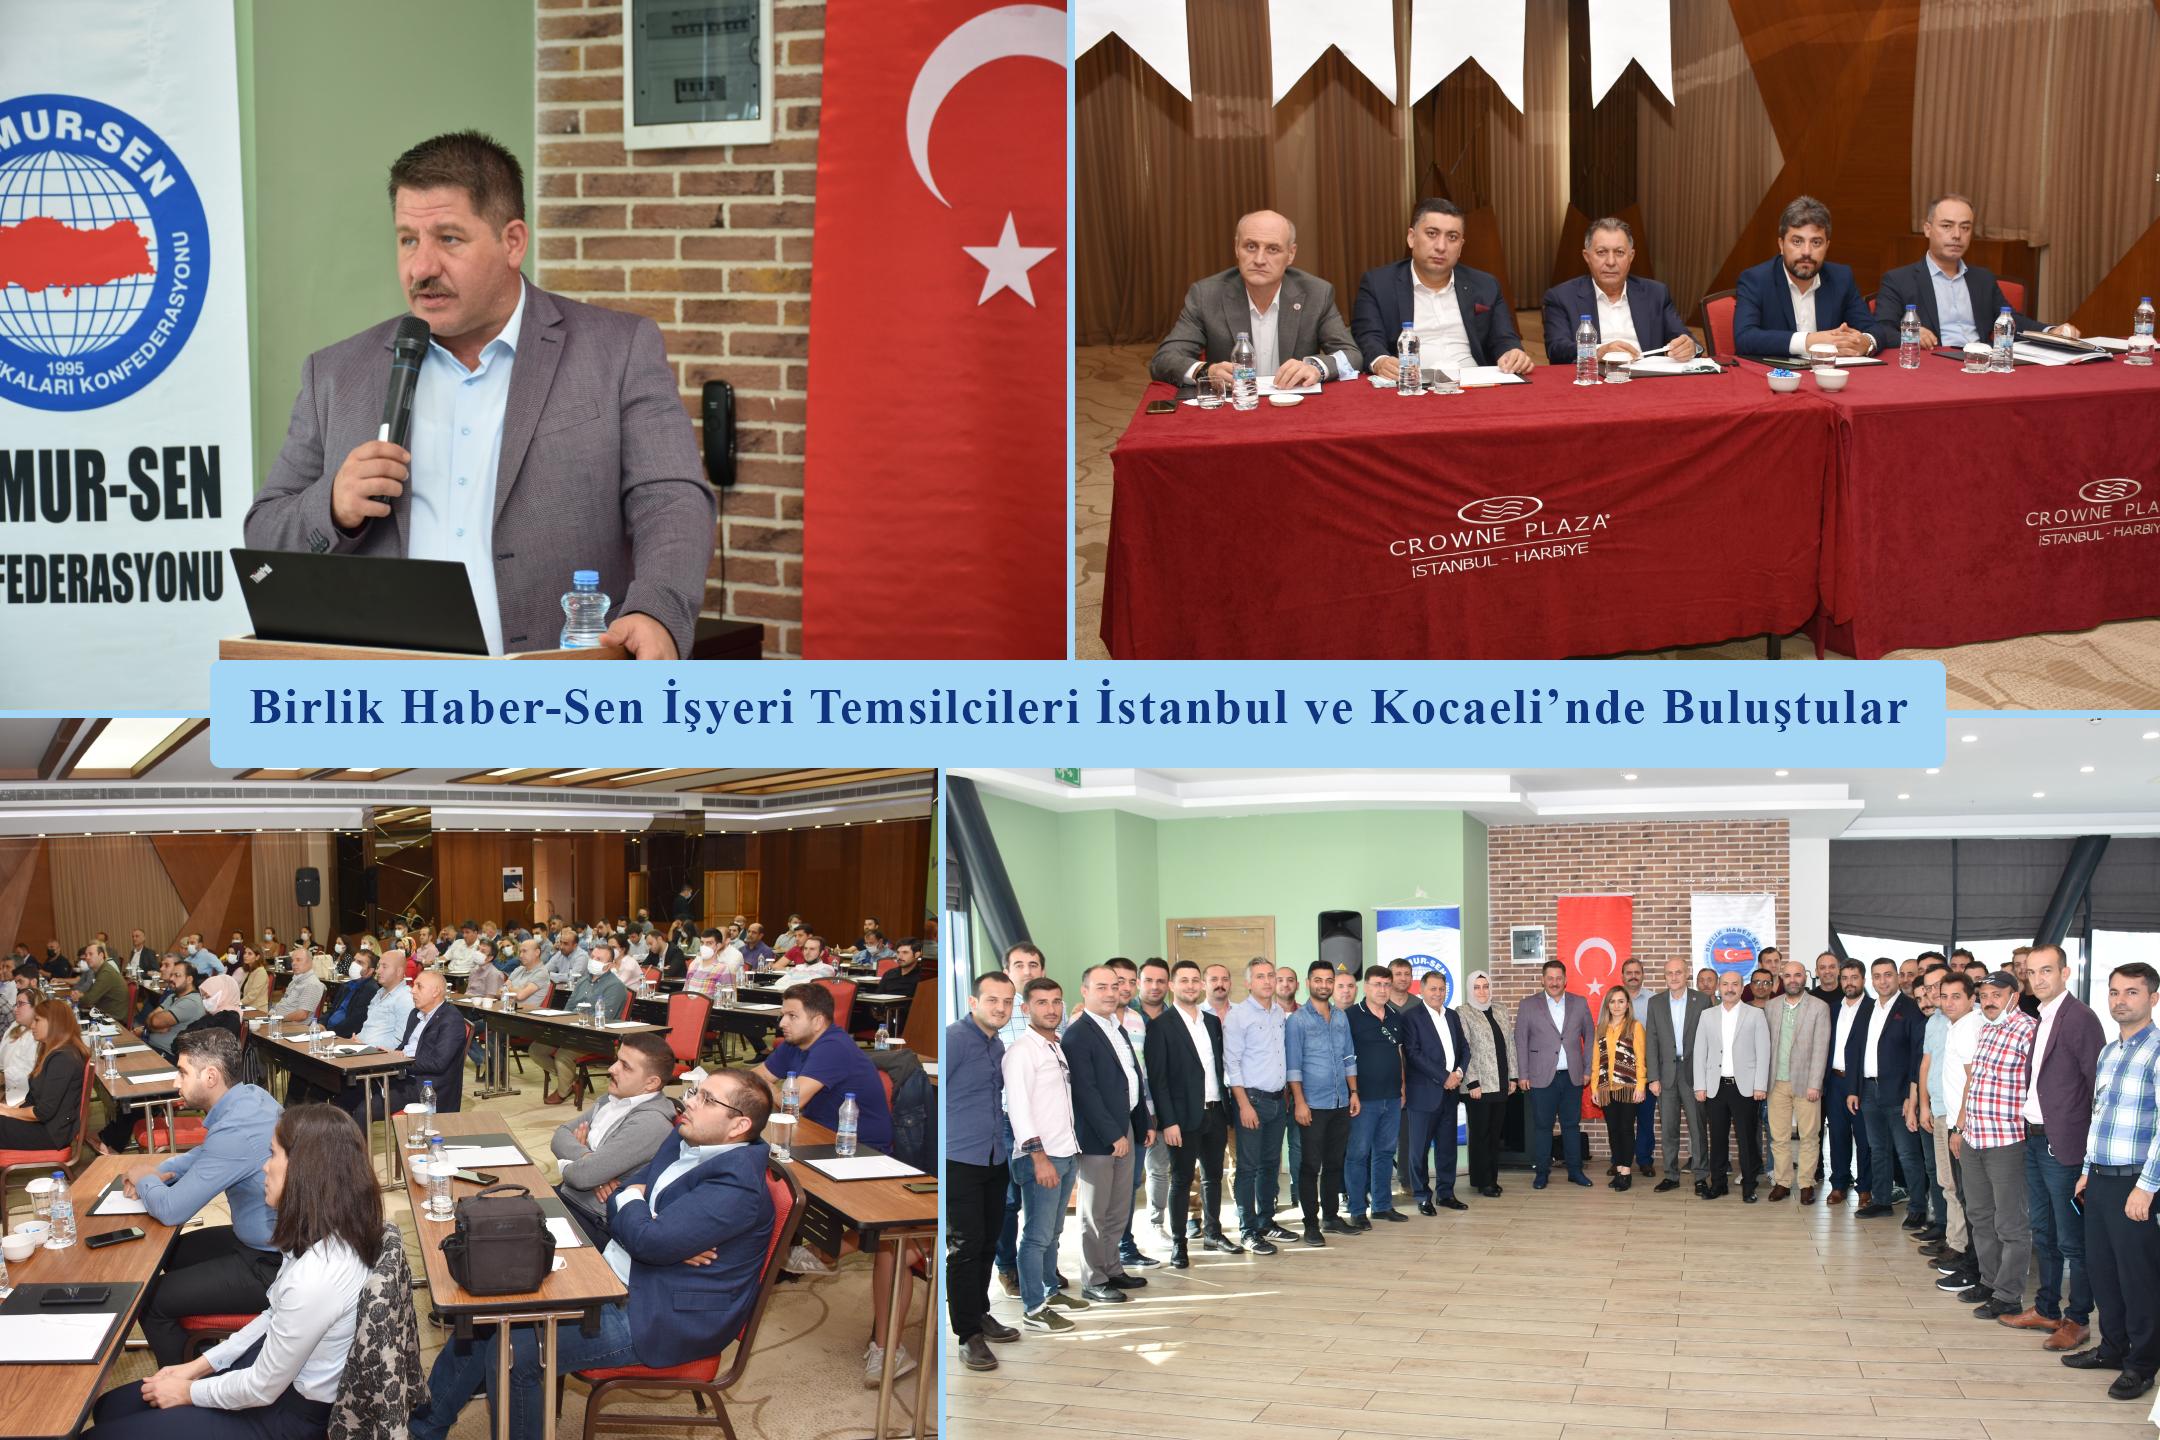 Birlik Haber-Sen İşyeri Temsilcileri İstanbul ve Kocaeli'nde Buluştular